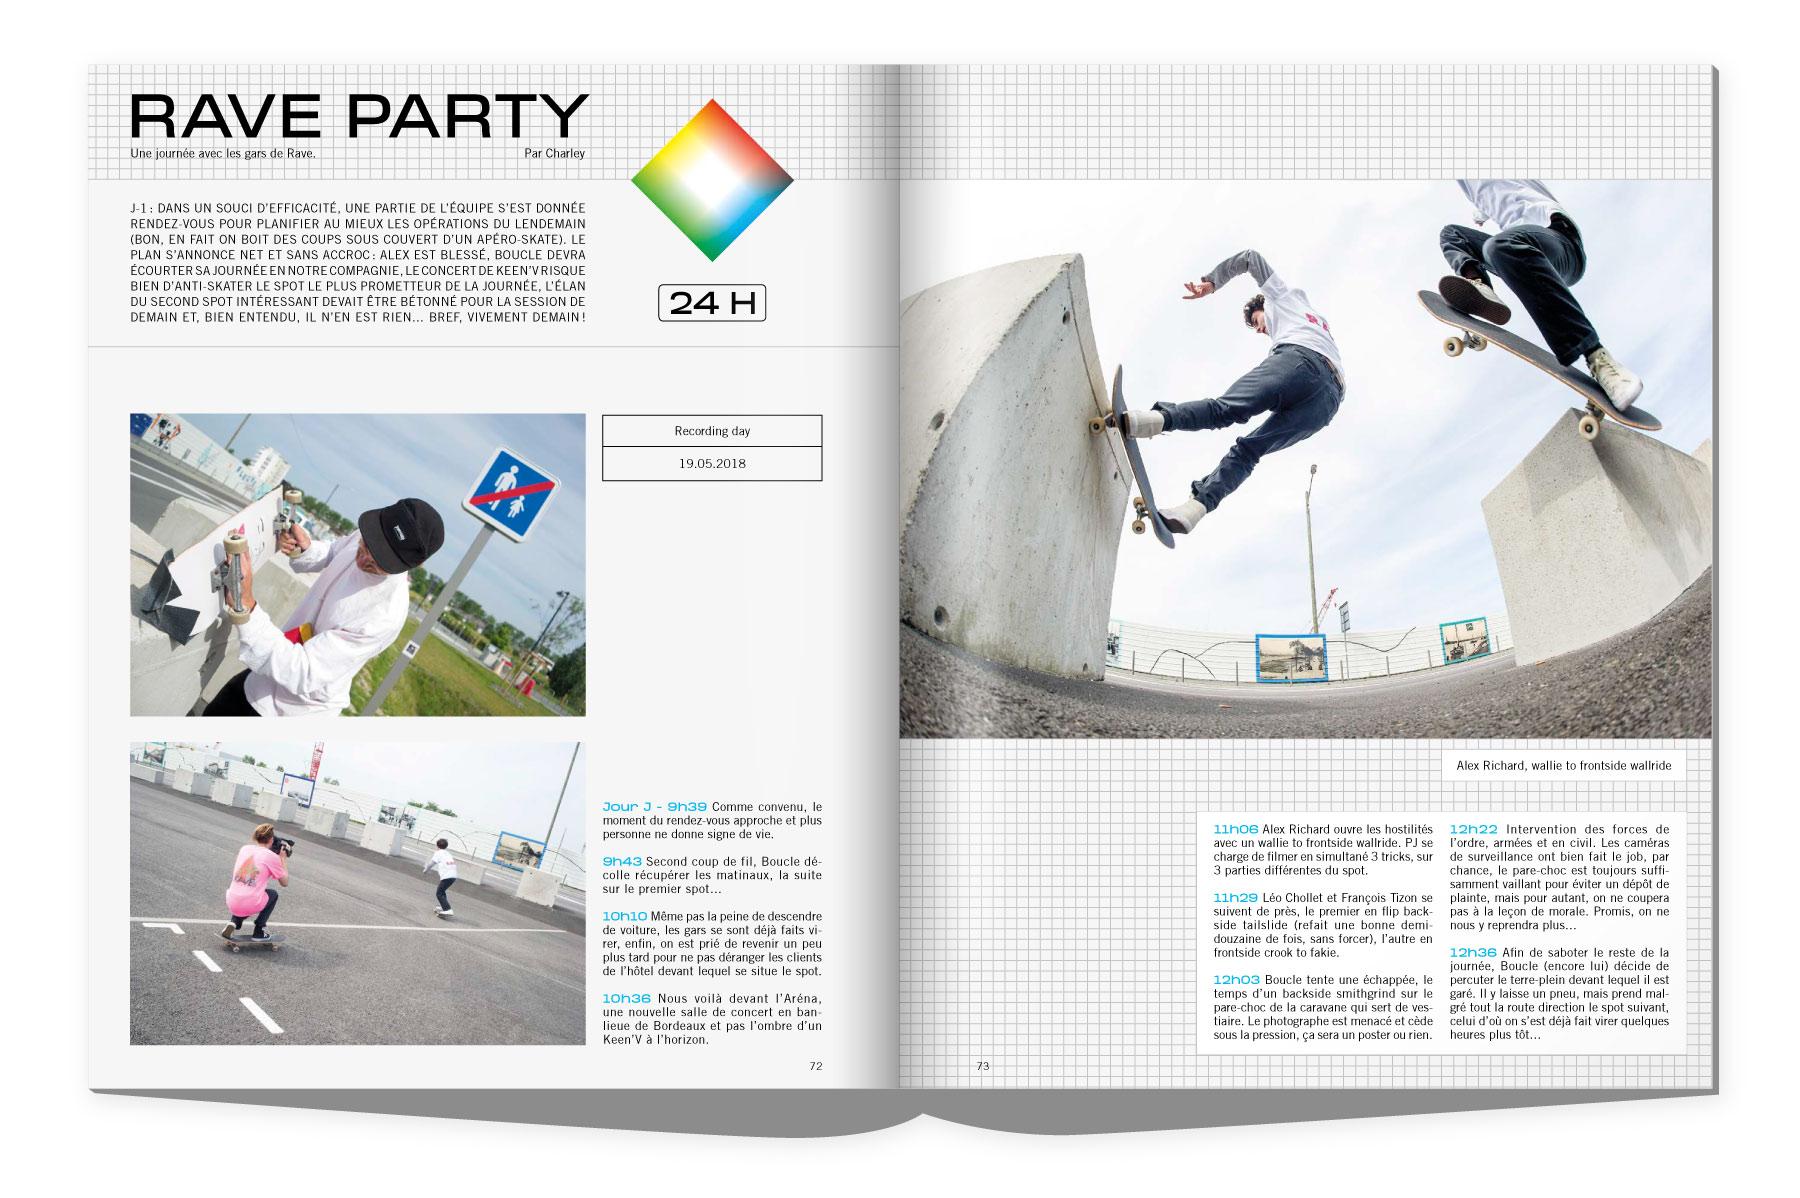 sugar 190 Rave skateboard